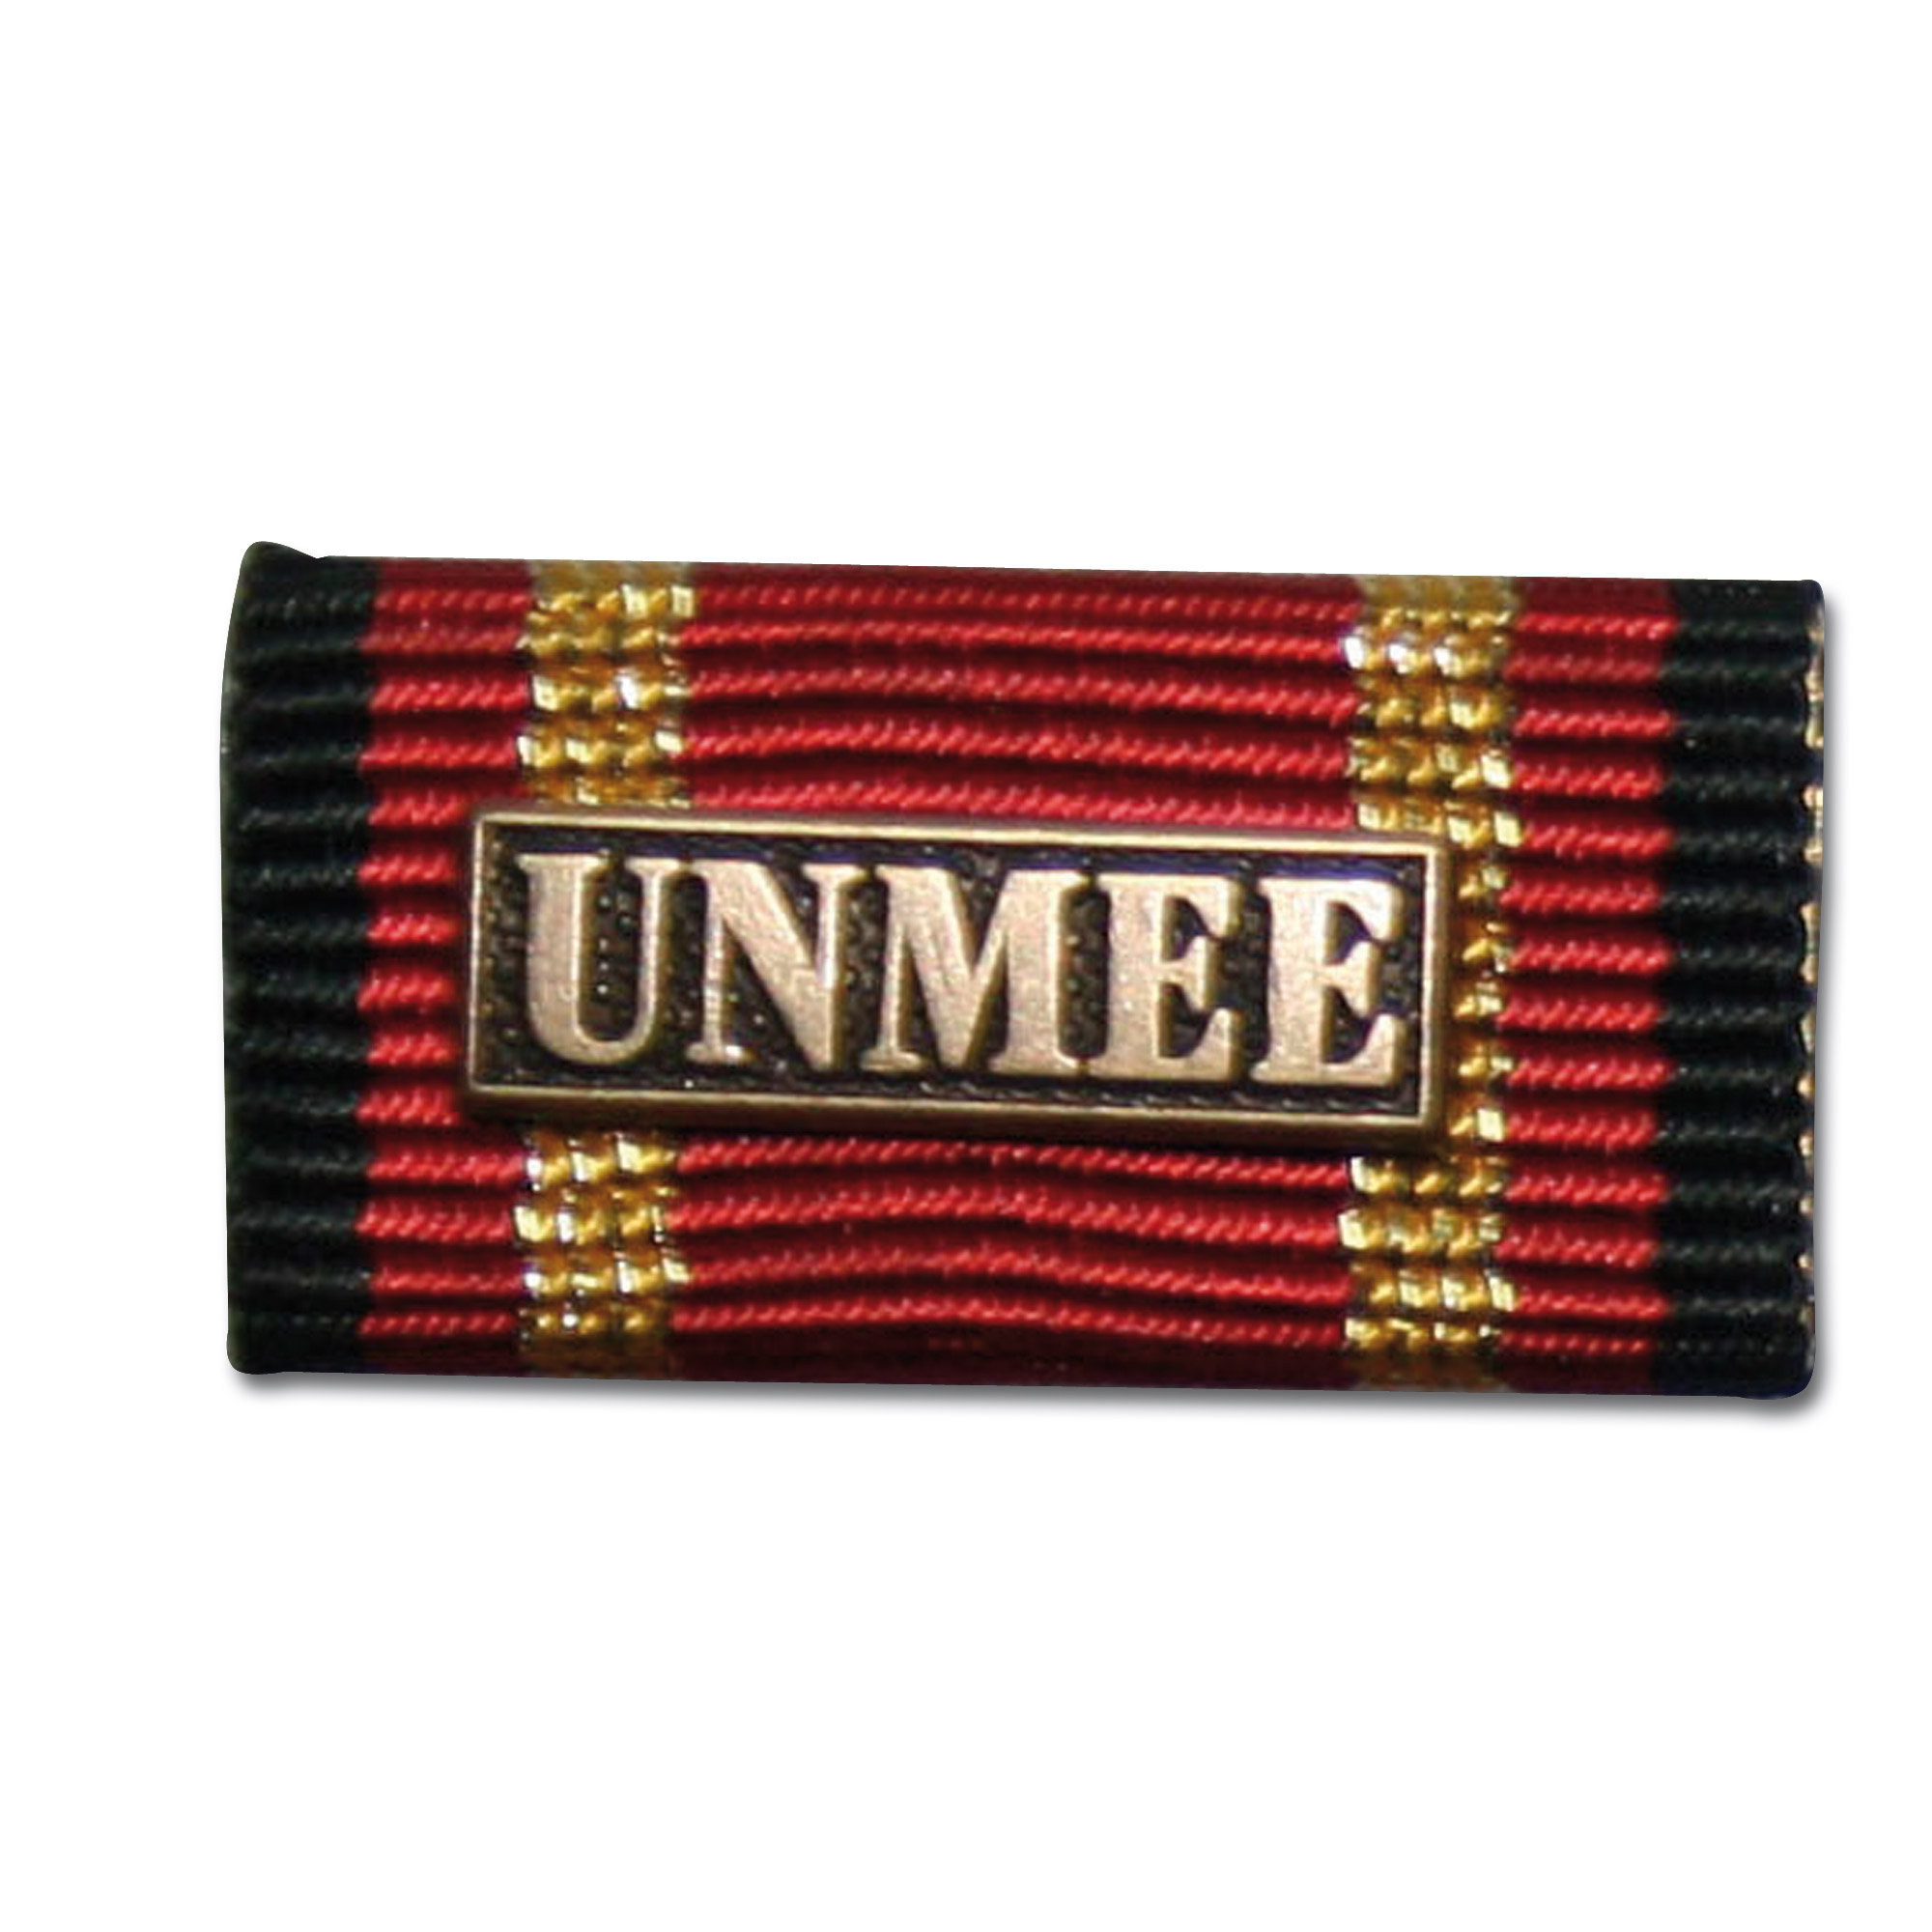 Barrette Opex UNMEE bronze